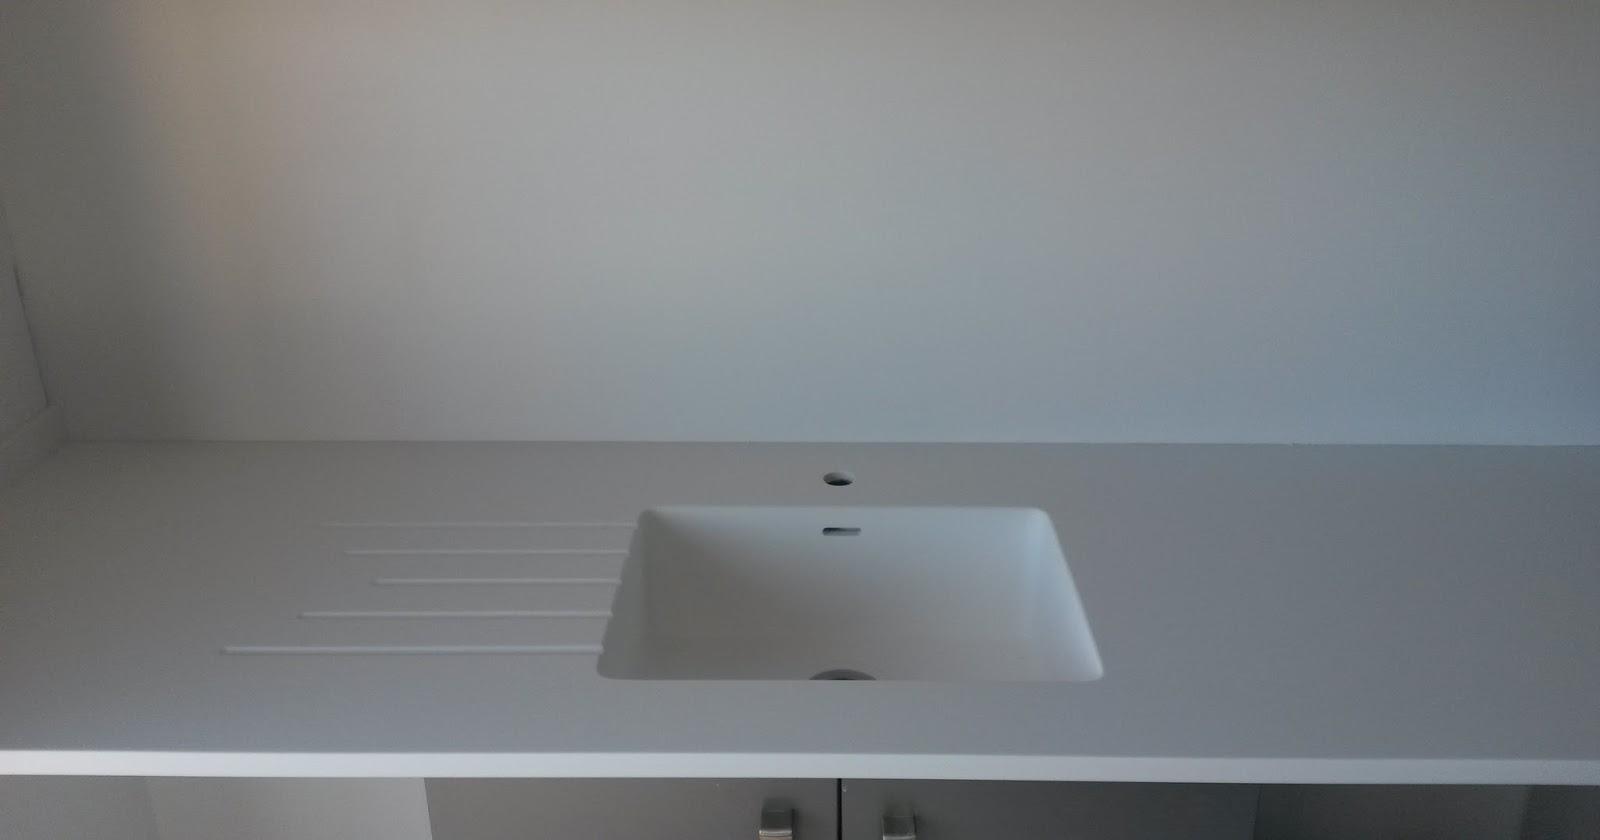 Marbres valls taulell s lid surfaces amb pica integrada - Pica silestone ...